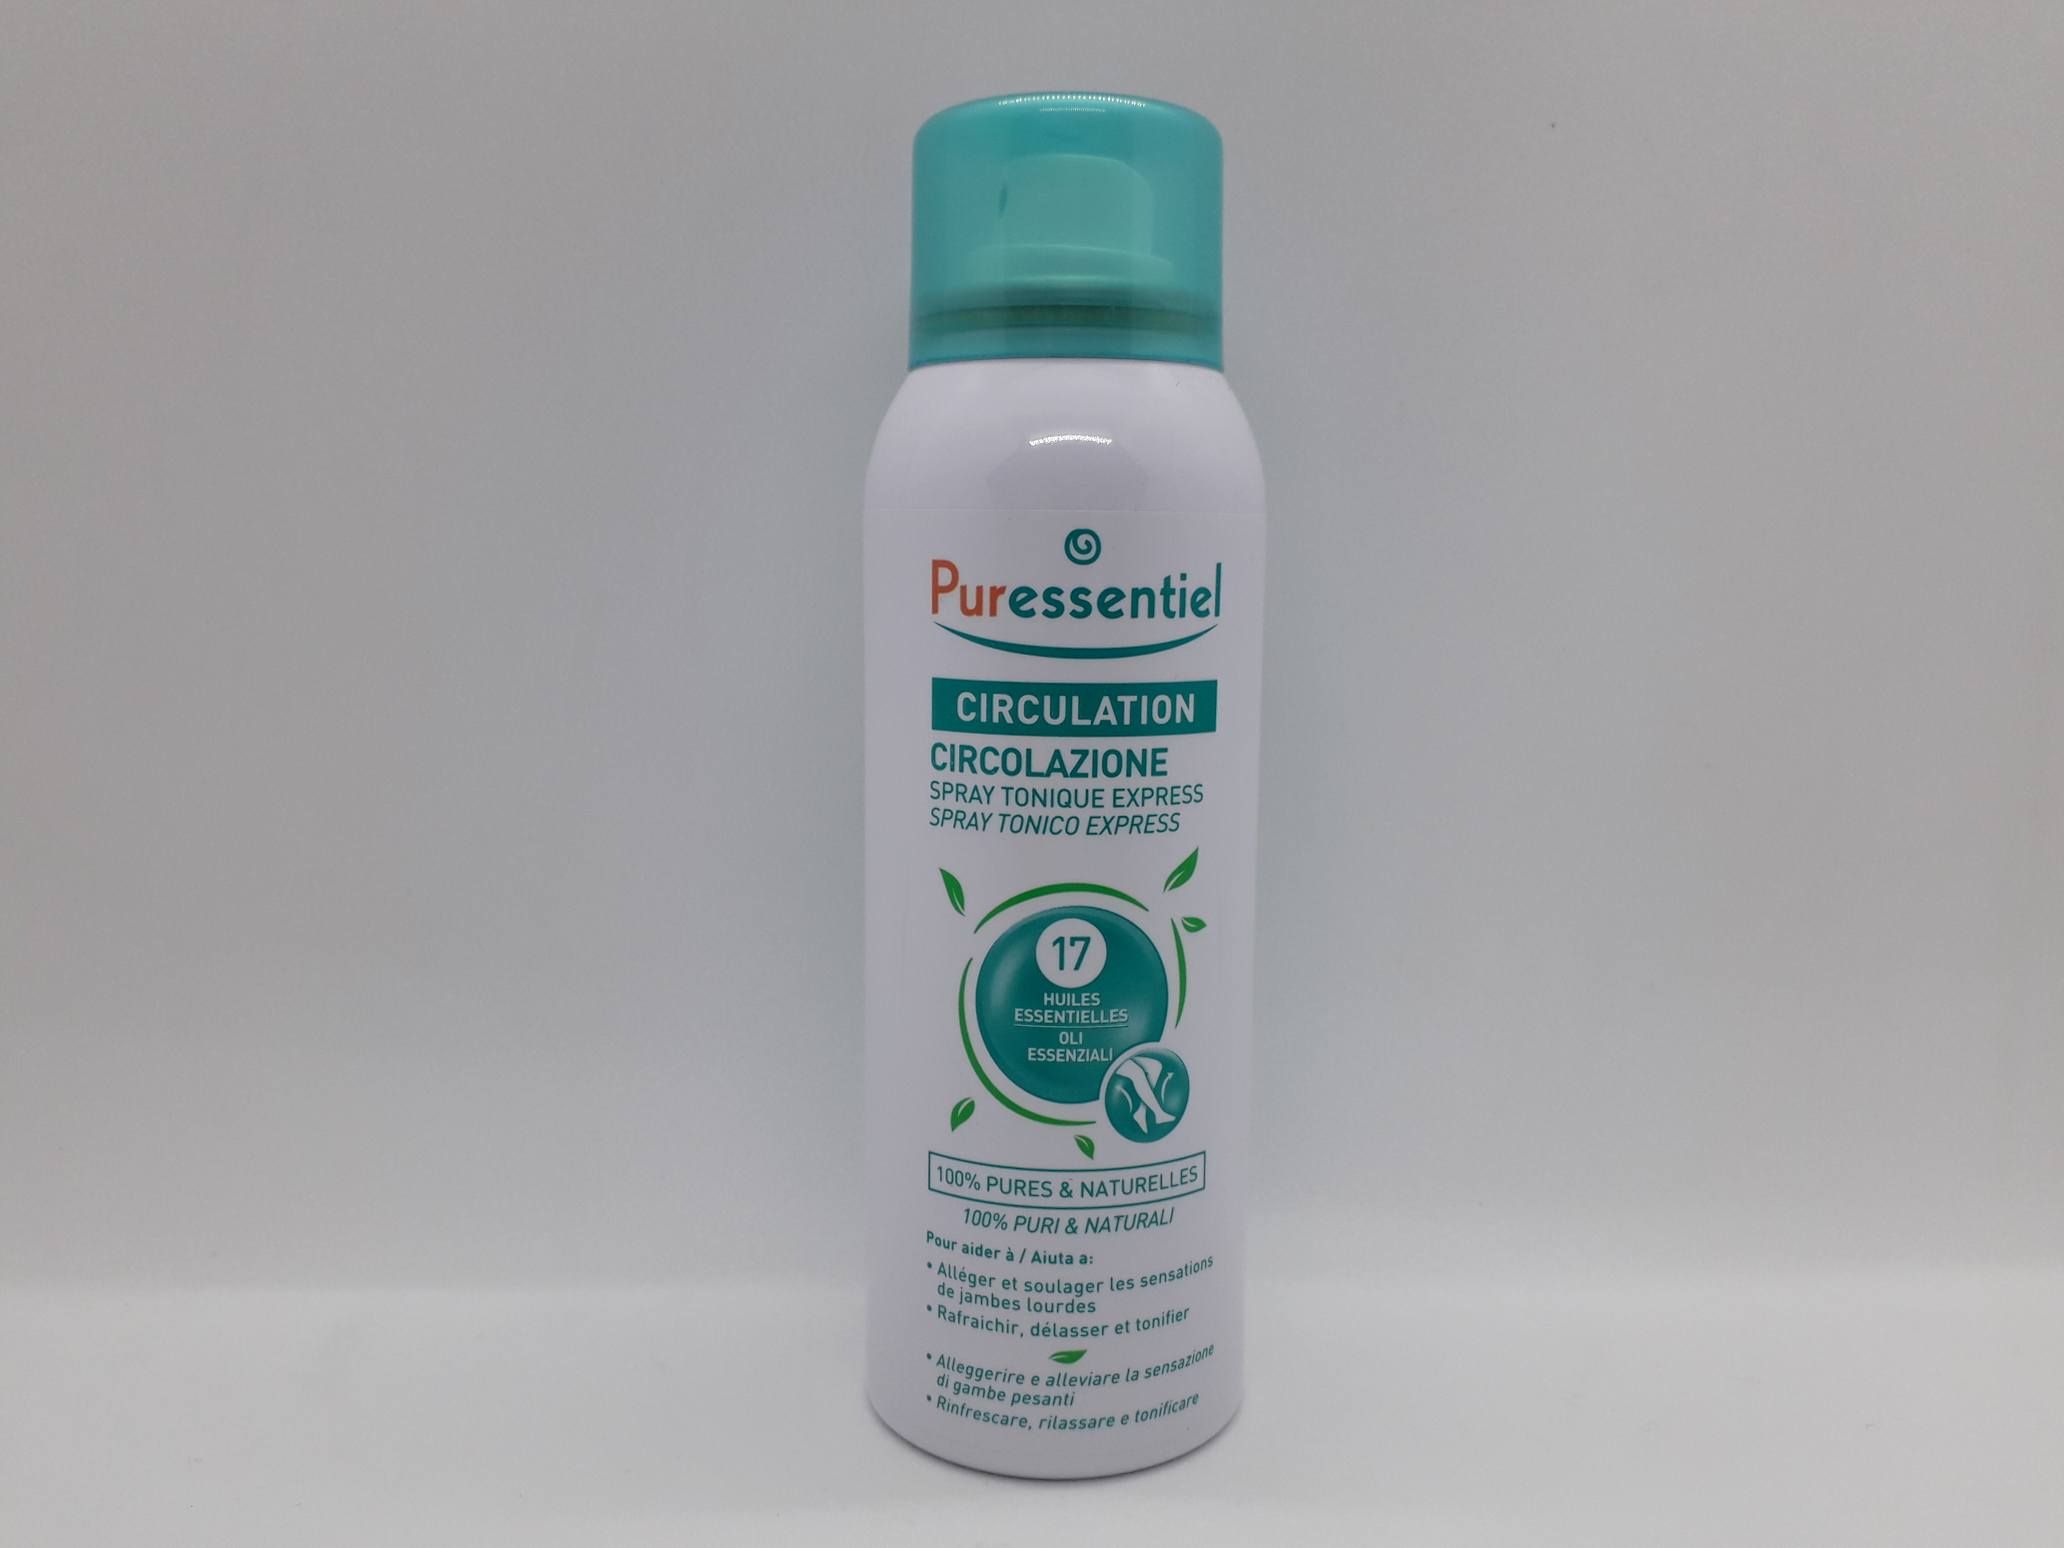 PURESSENTIEL SPRAY TONICO EXPRESS CIRCOLAZIONE 100 ML - Farmaciaempatica.it